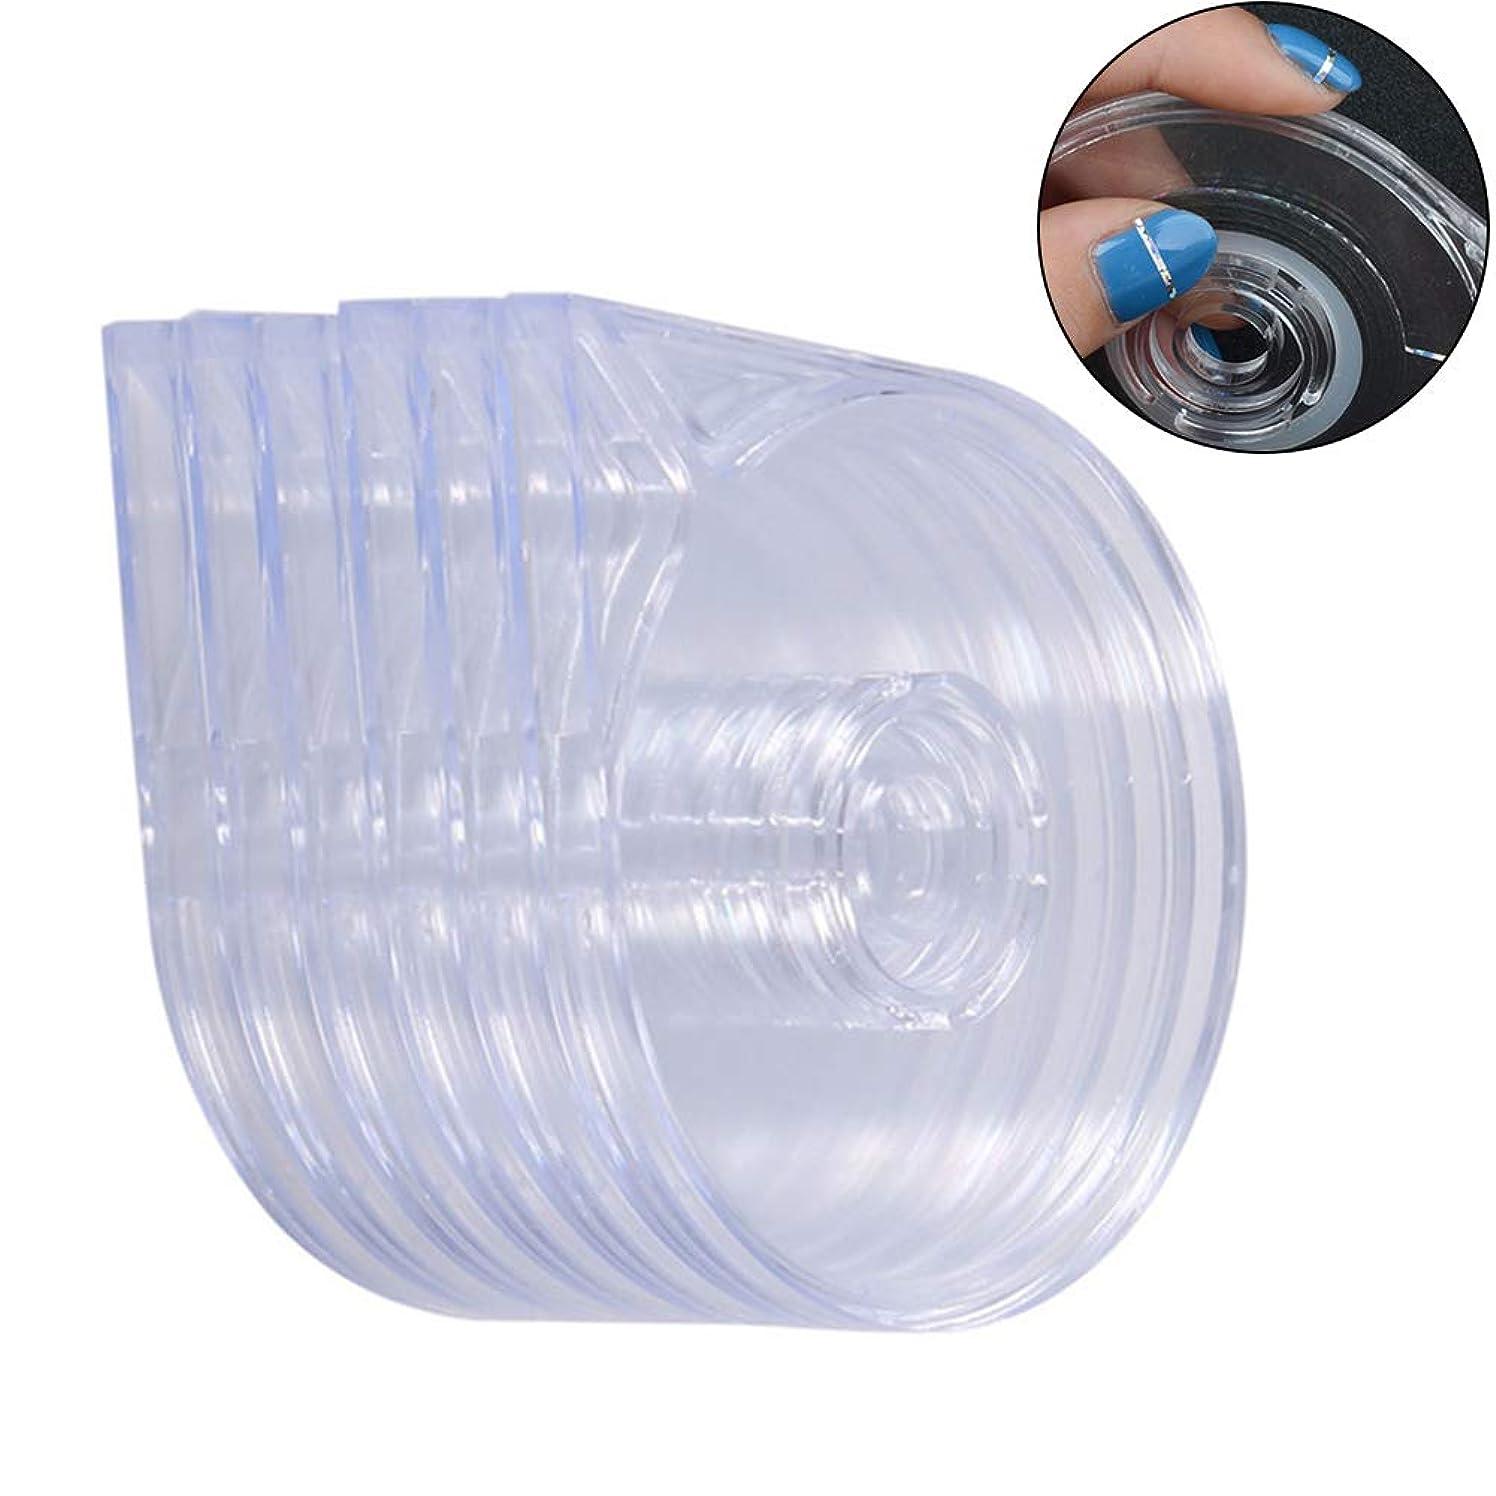 準備した縫う悪いslQinjiansav ネイルアート&ツール収納コンテナ6個/セット透明ネイルアートテープラインケースストライプステッカーボックス収納ホルダー